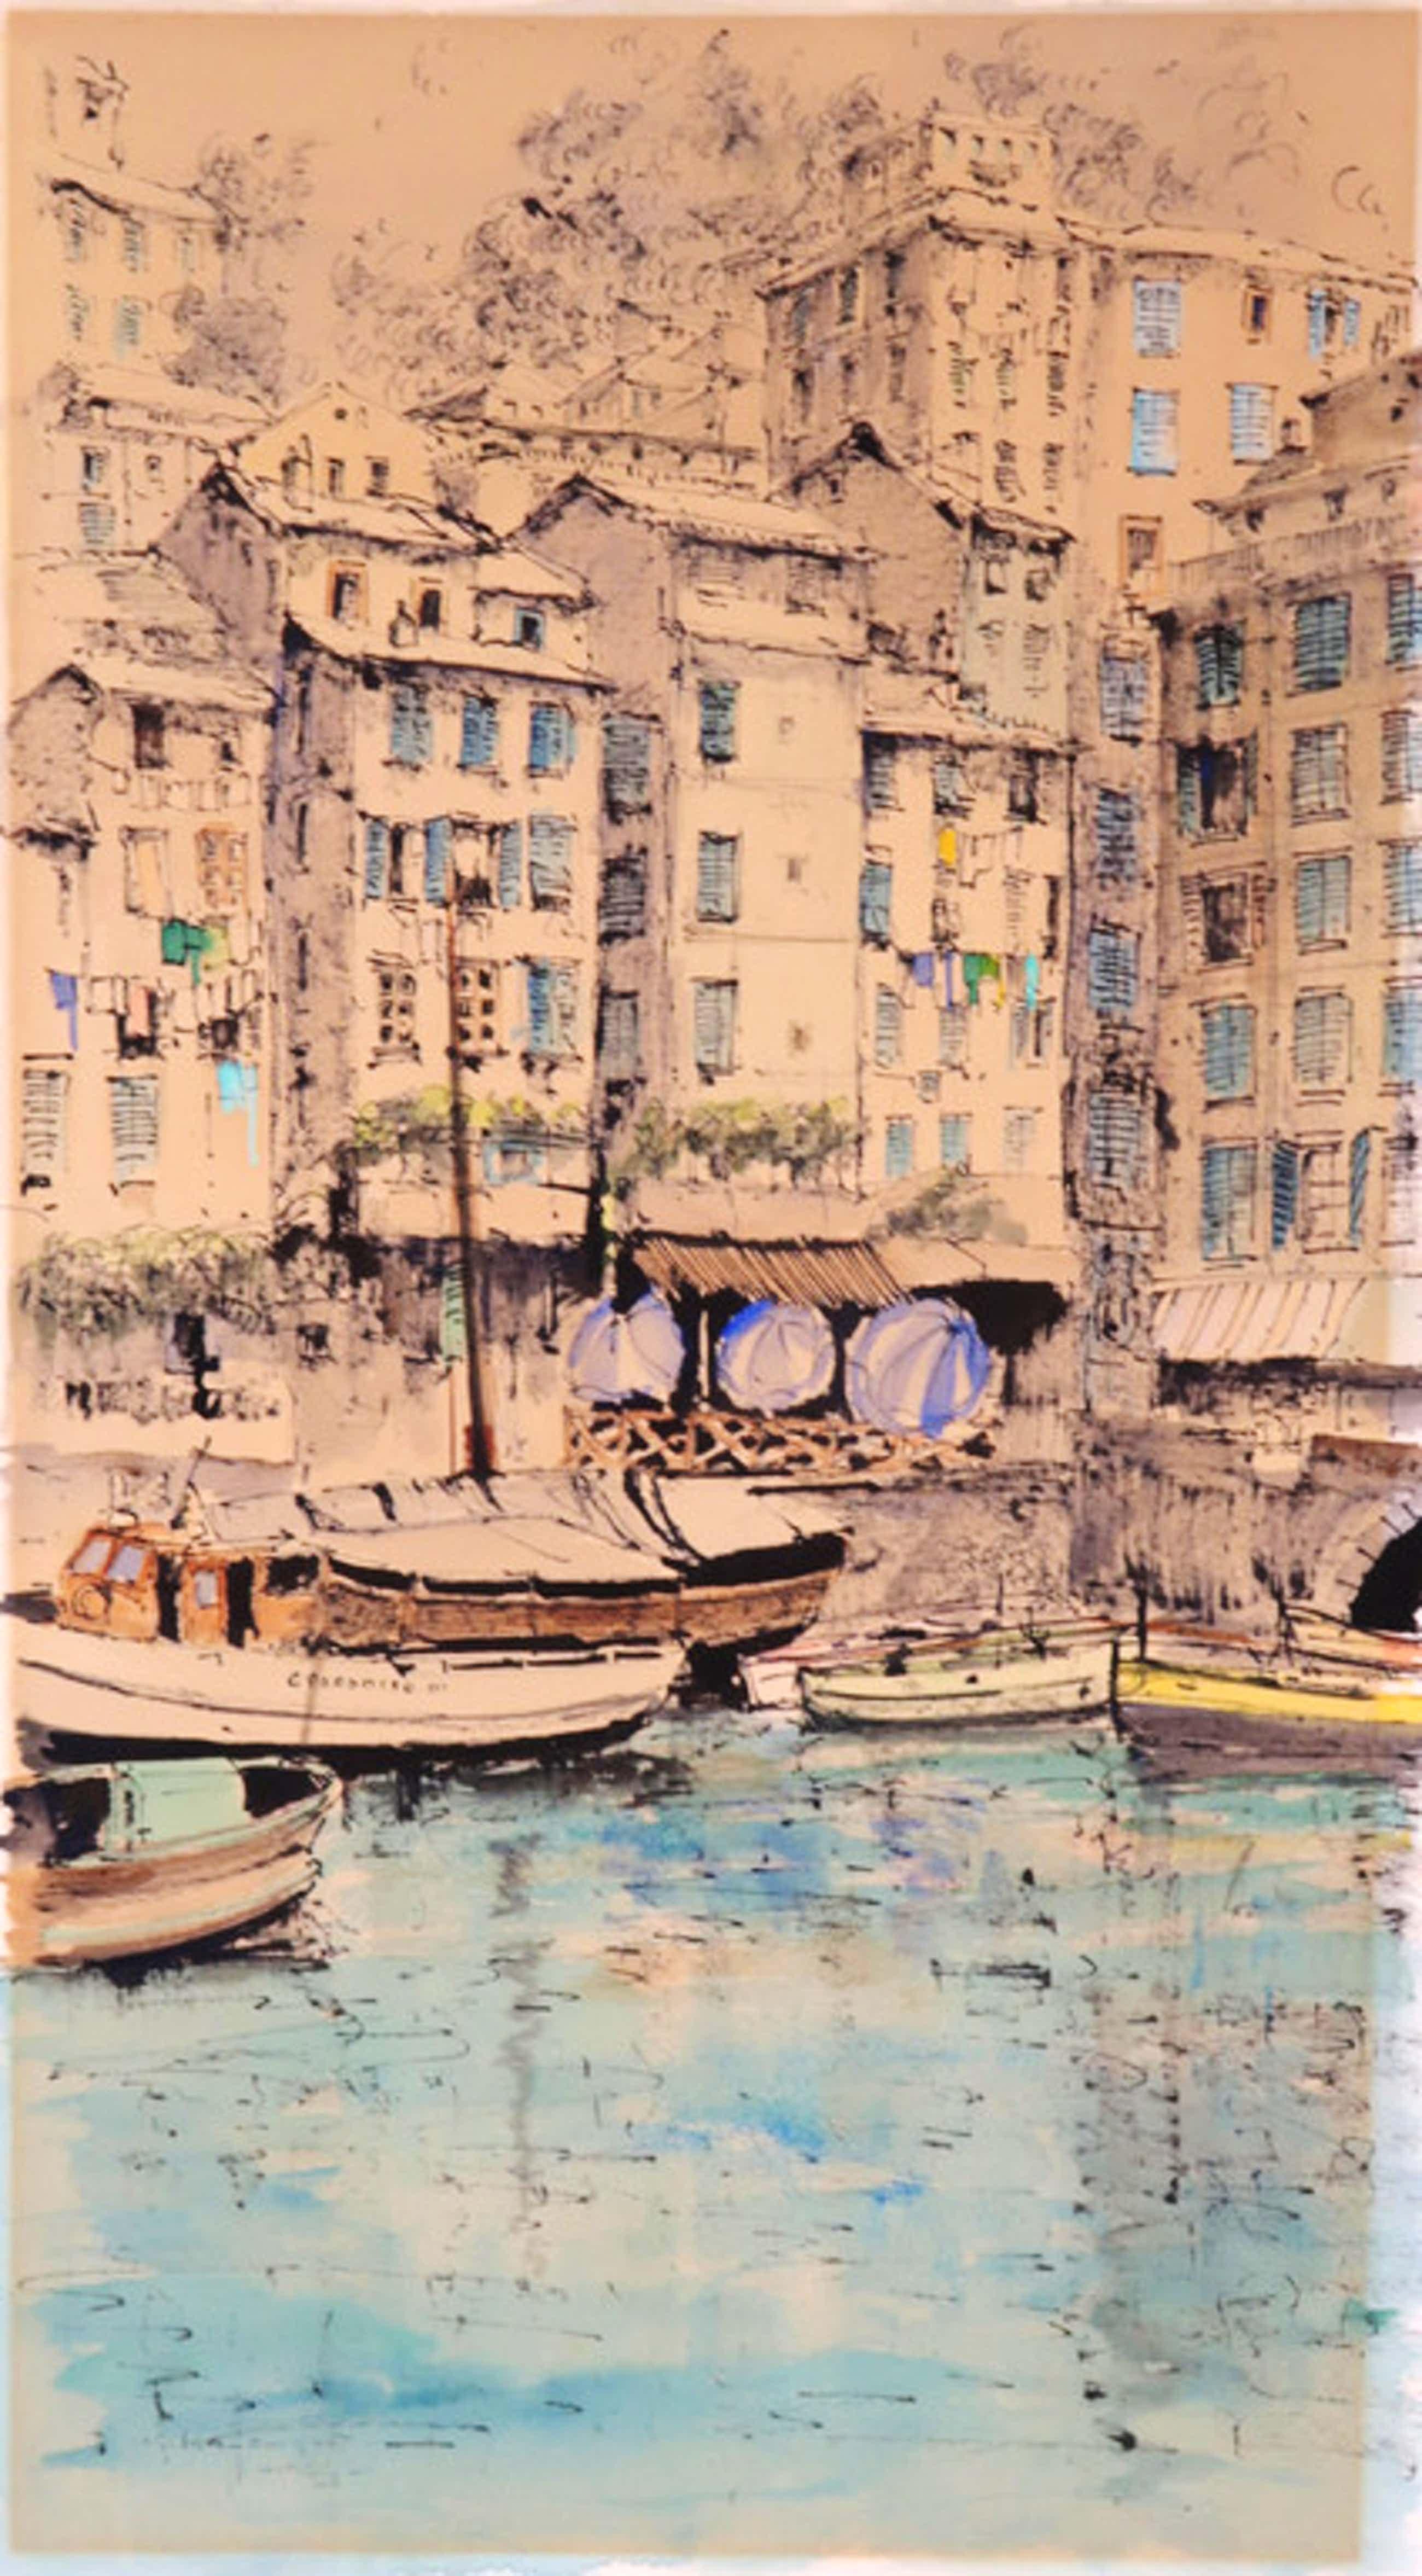 Jan den Hengst: Aquarel en inkt op papier, Harbour on the Mediterranean coast kopen? Bied vanaf 40!